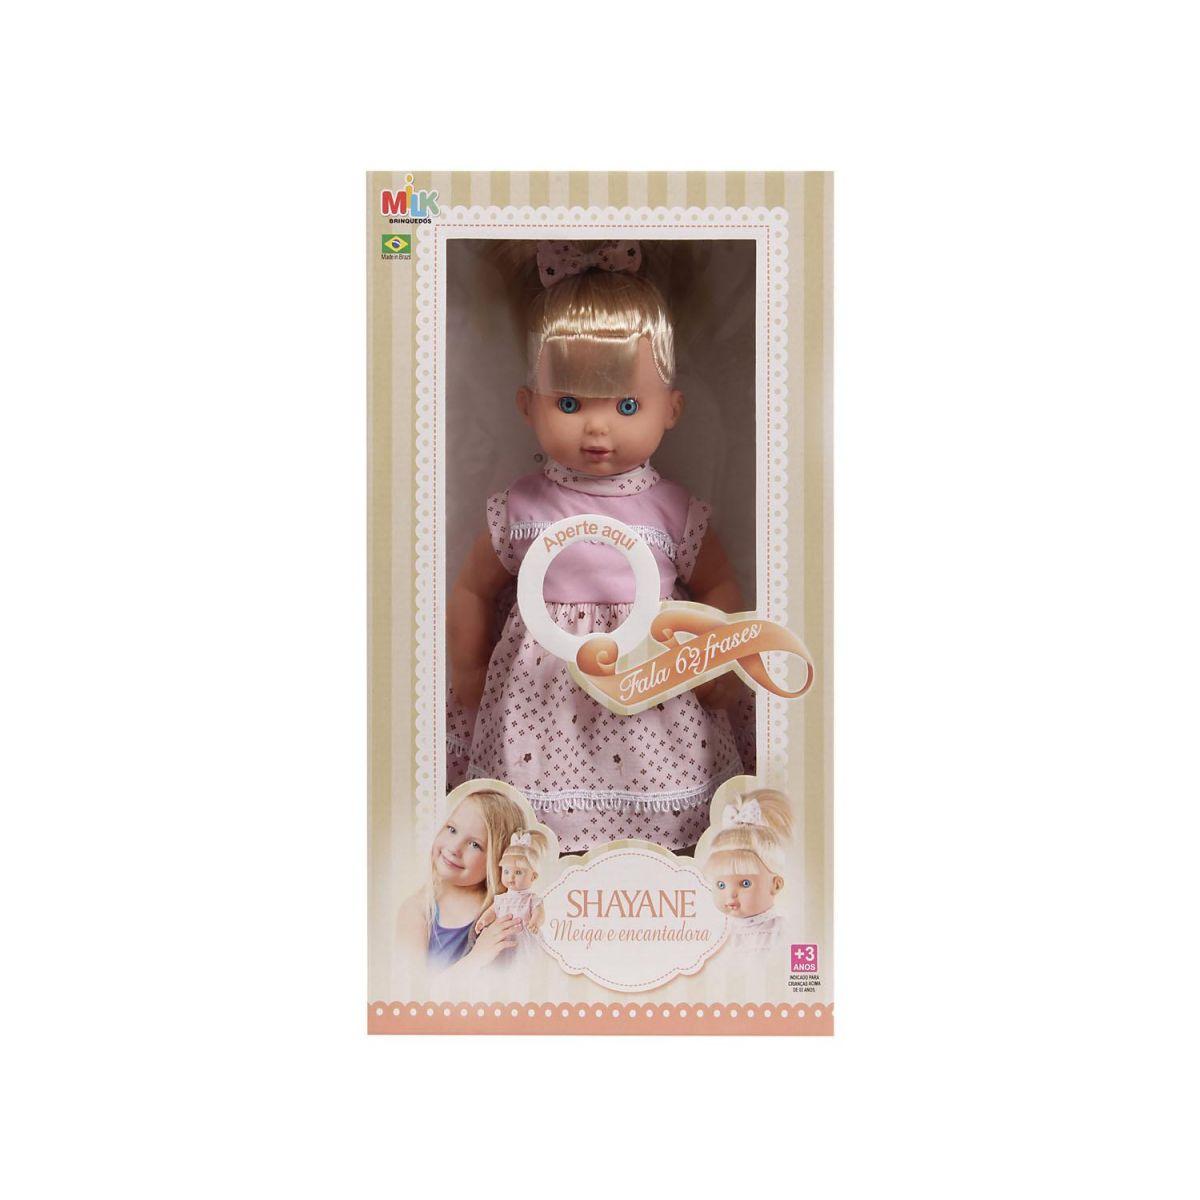 Boneca Shayane 62 Frases - Milk Brinquedos